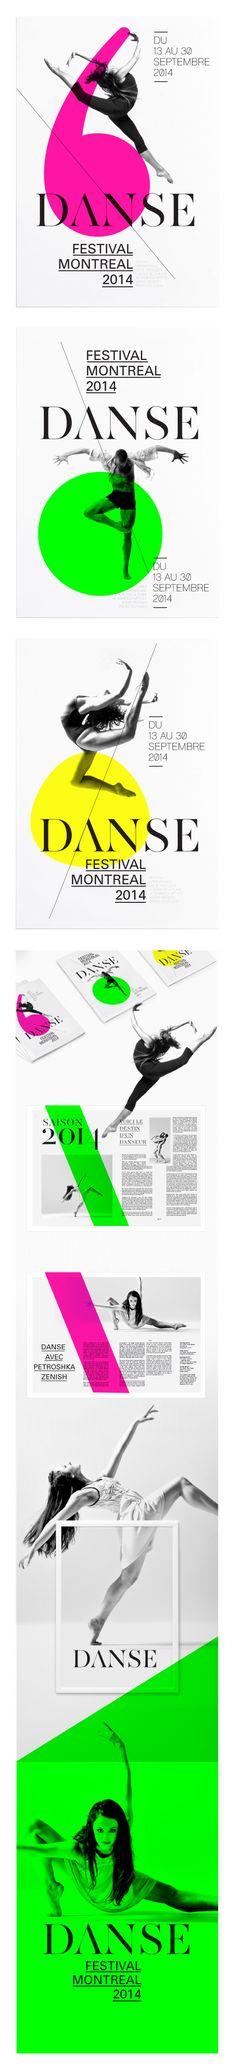 FESTIVAL DE DANSE DE MONTREAL on Behance in Poster